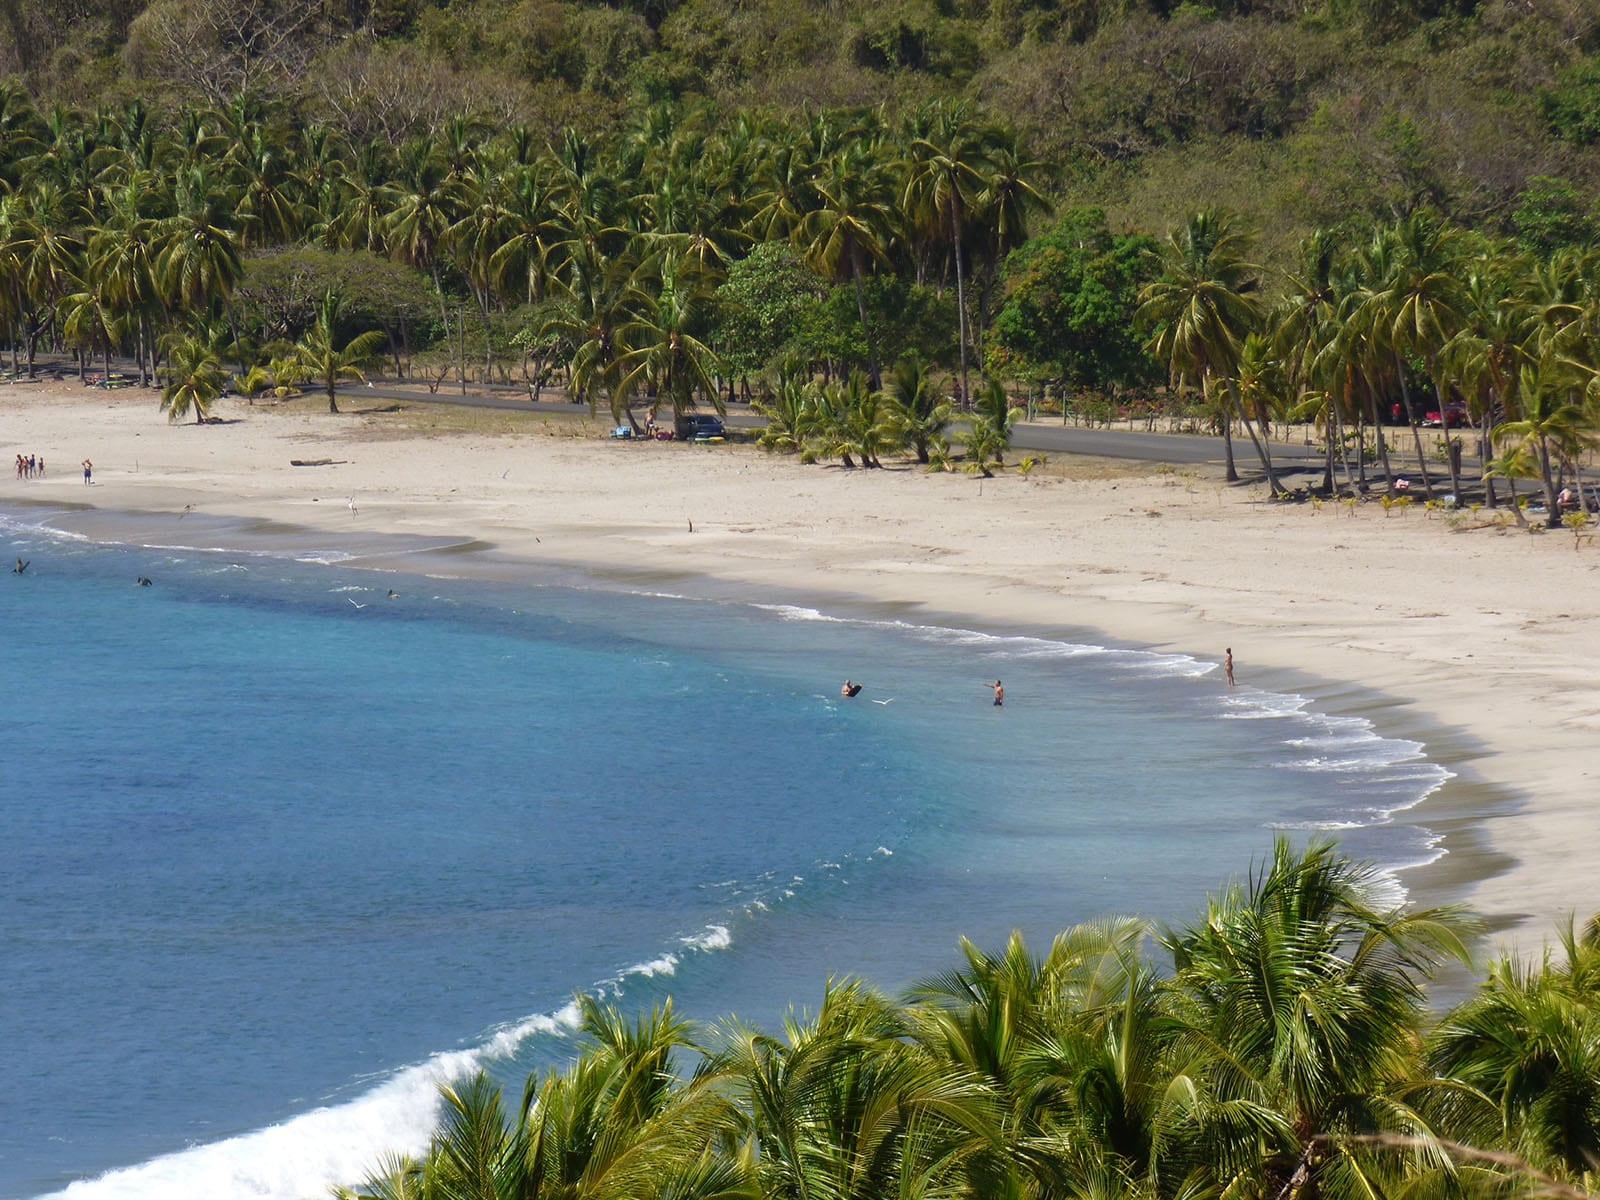 Fernreisen mit Kindern wohin? Beliebte Urlaubsziele für Familien – Costa Rica am Strand